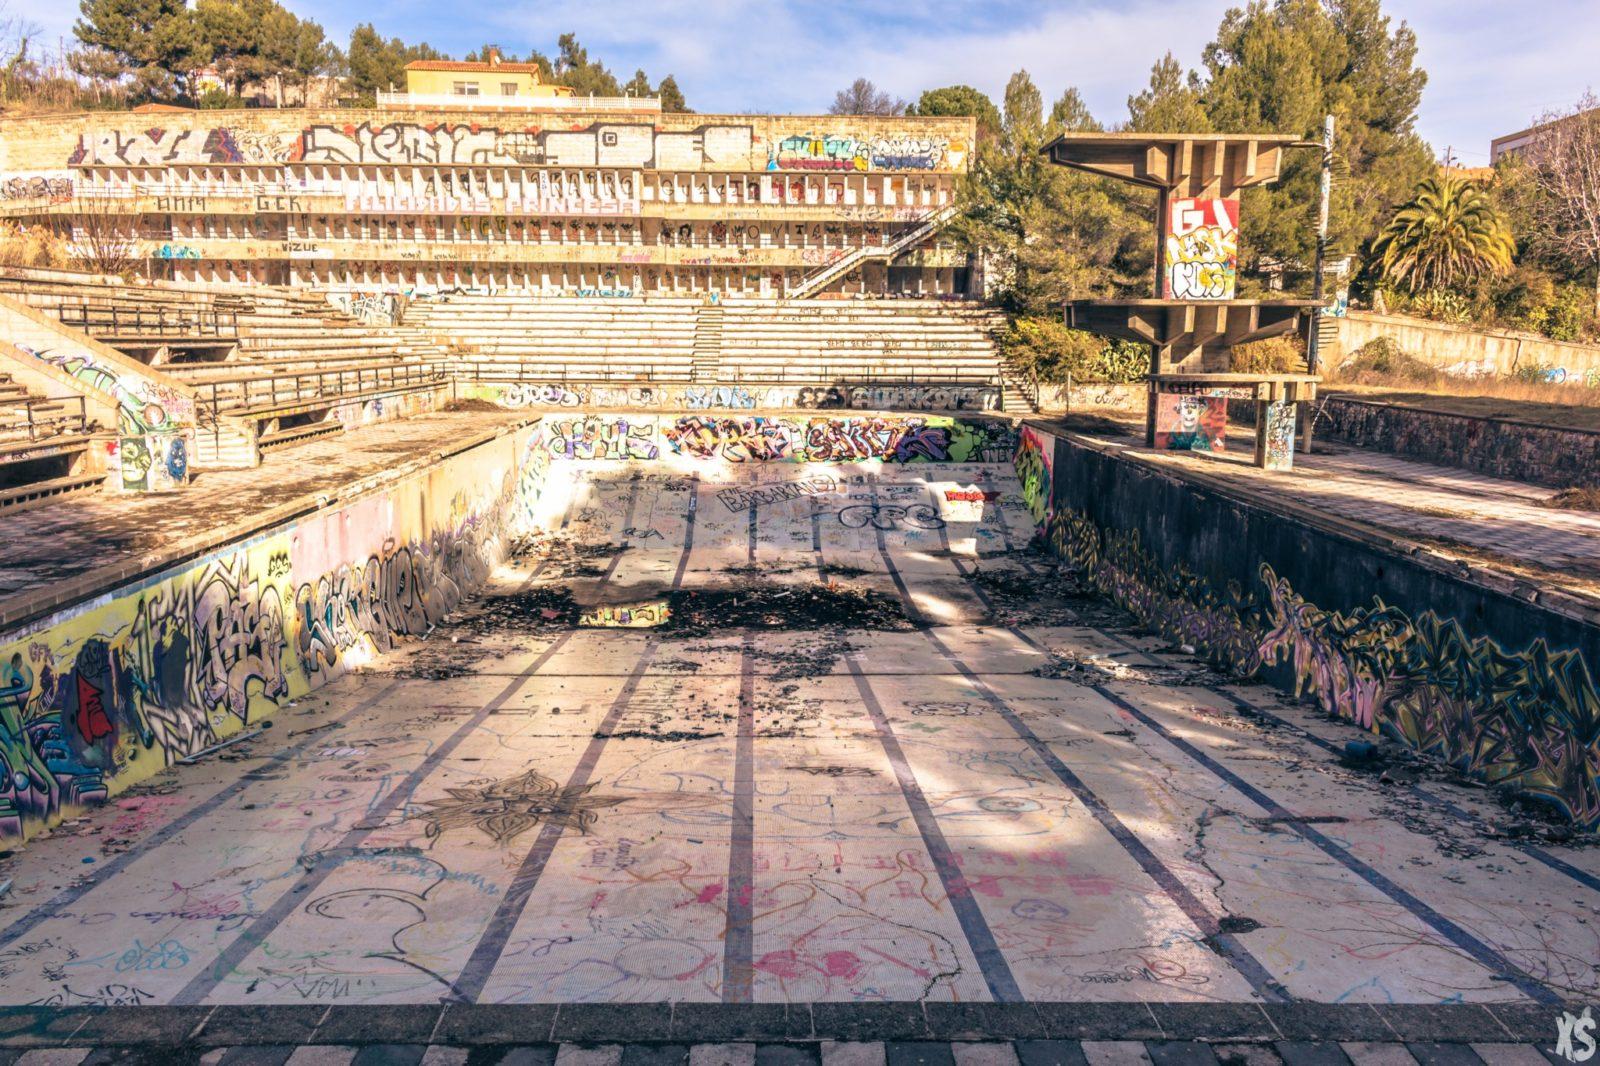 Piscine olympique de la Vega 12urbex radar exlporation piscine abandon fantome - Piscines olympiques et parcs aquatiques : les plus beaux spots abandonnés